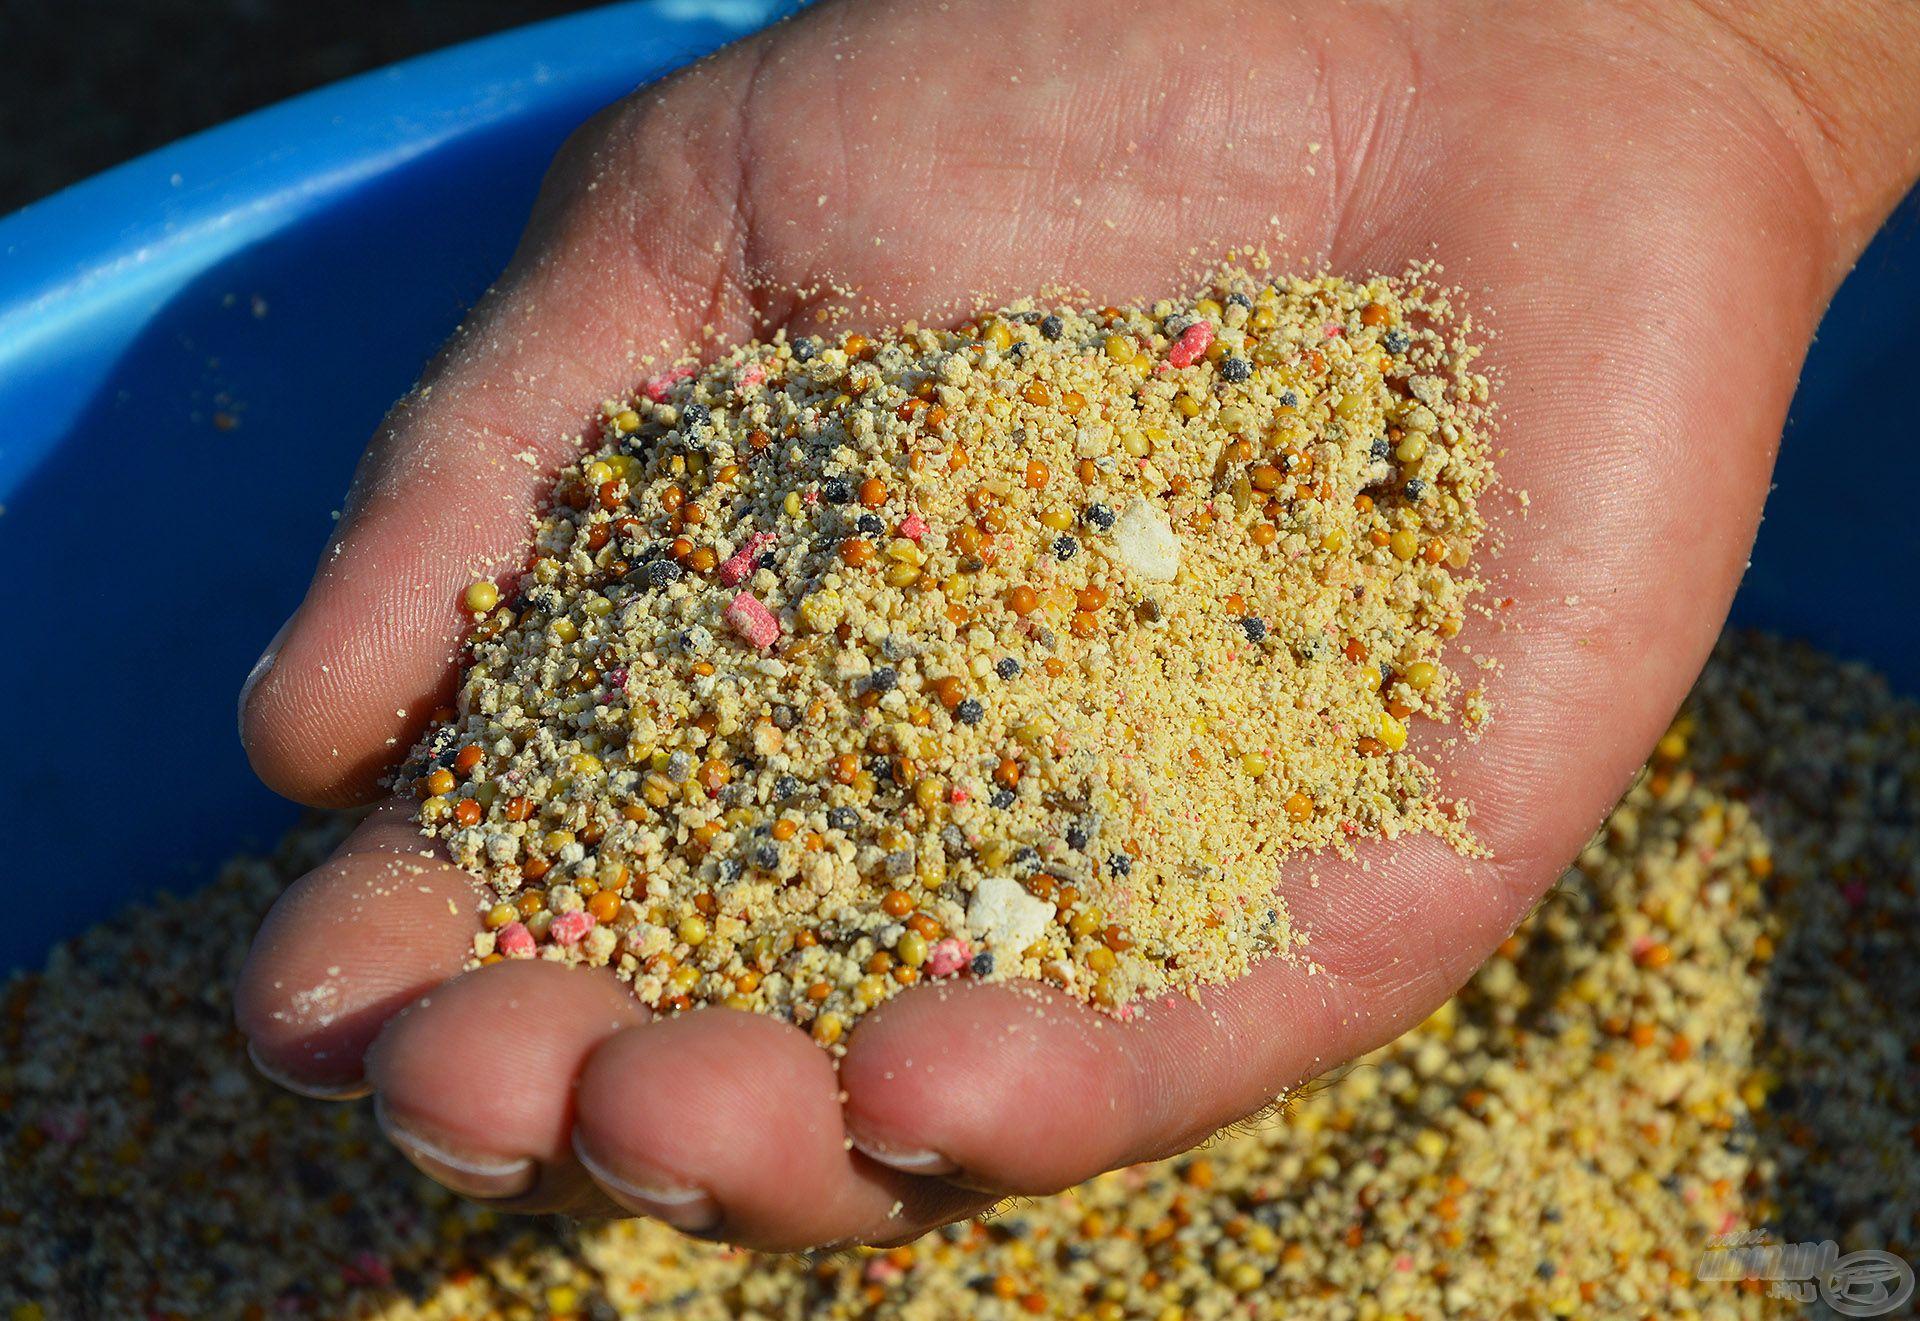 Akár egy maroknyi mennyiség is meglepő eredményt hozhat, keresőhorgászattal használva